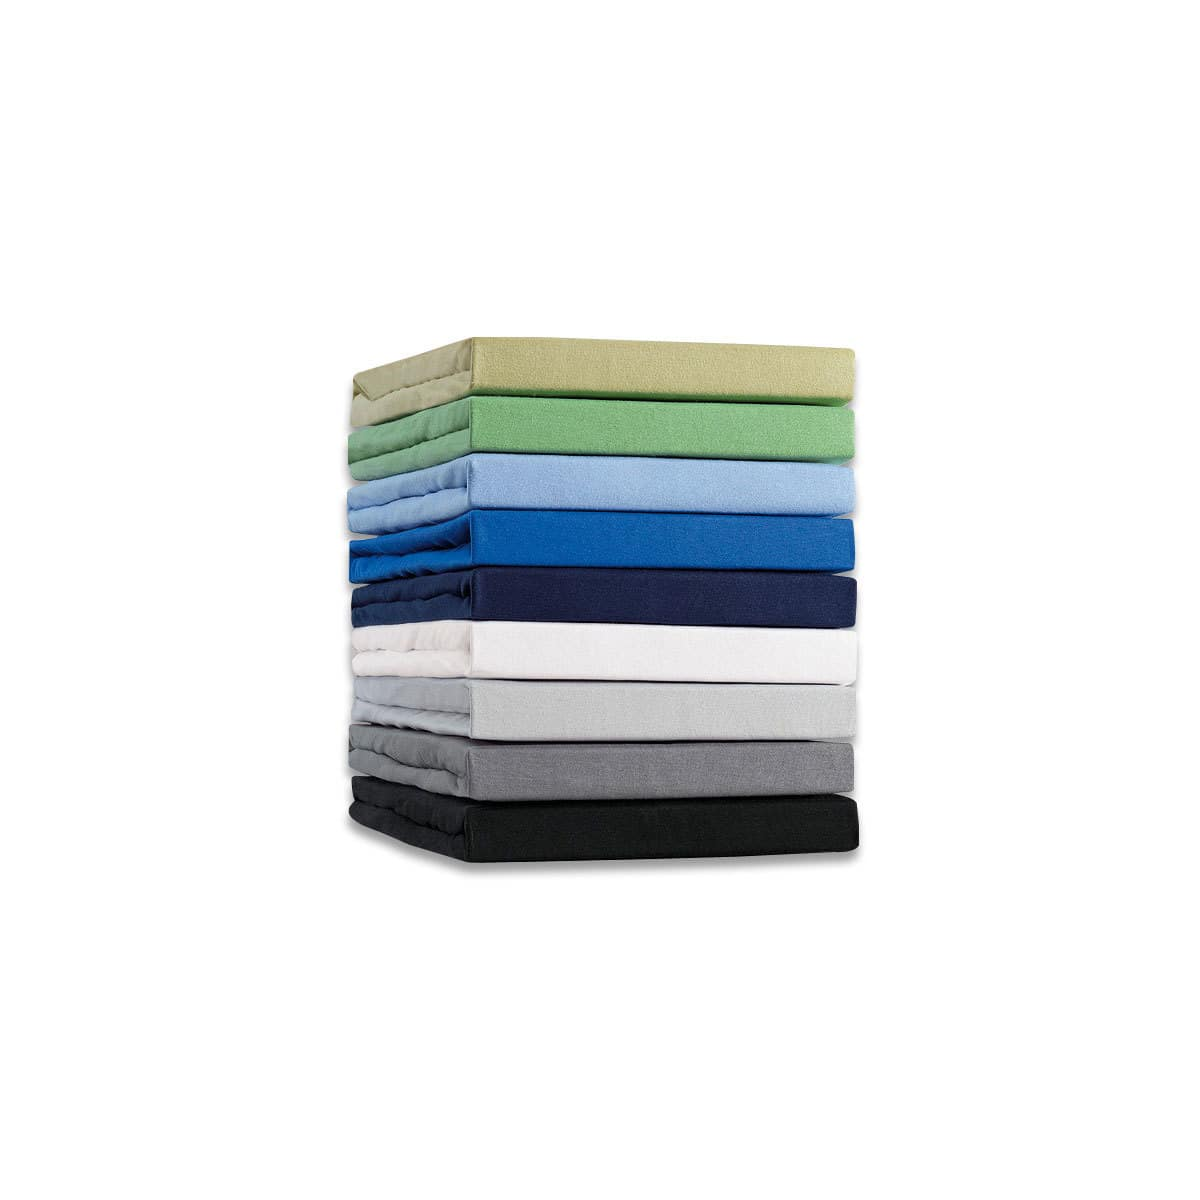 naomi microfaser elastic spannbetttuch g nstig online kaufen bei bettwaren shop. Black Bedroom Furniture Sets. Home Design Ideas